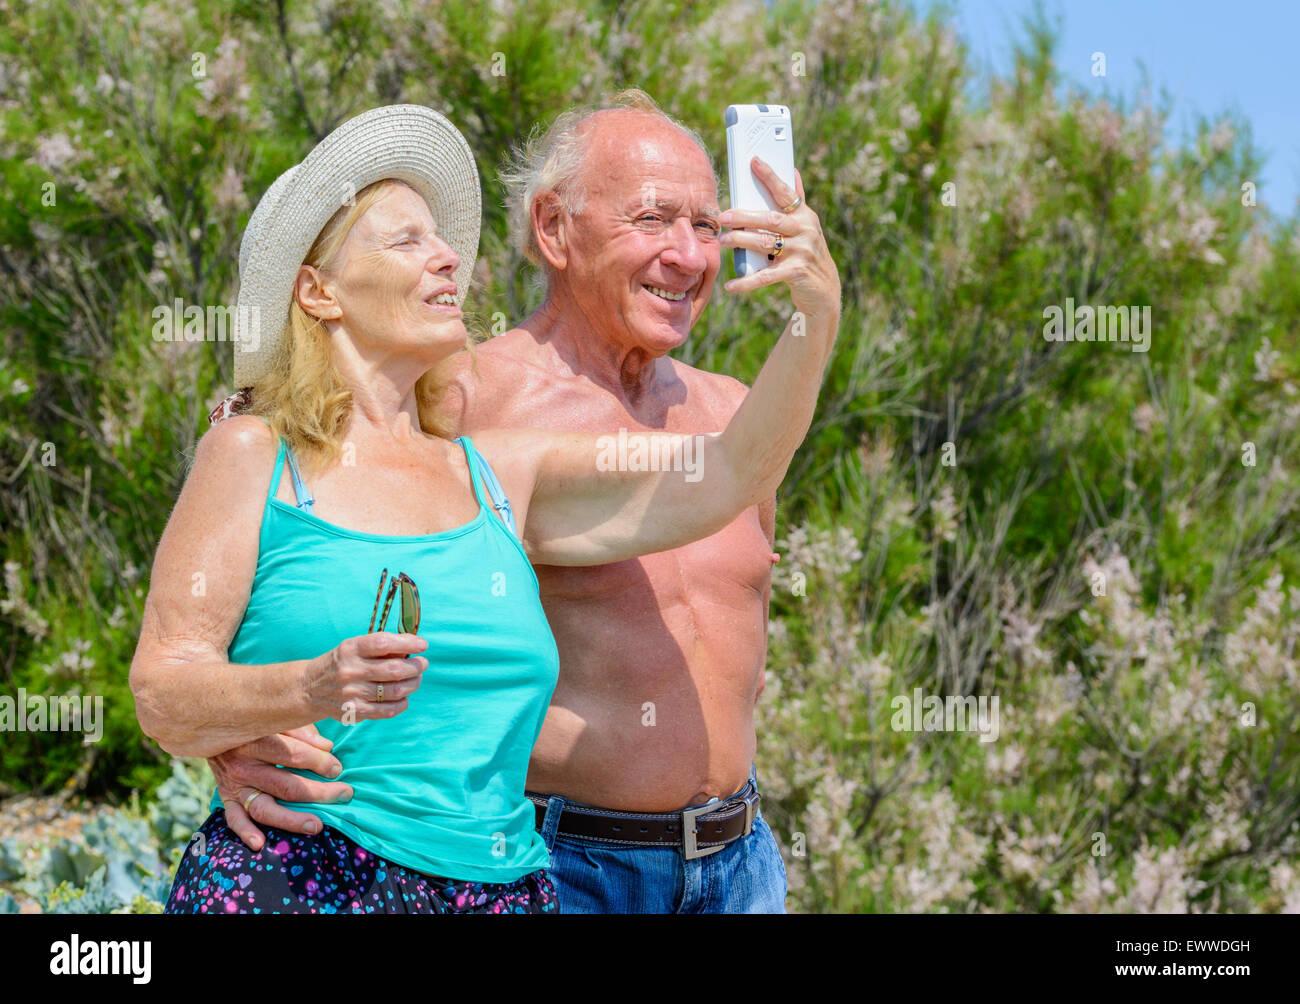 Ältere Paare eine selfie Foto von sich selbst an einem heißen sonnigen Tag im Sommer in Großbritannien. Stockbild